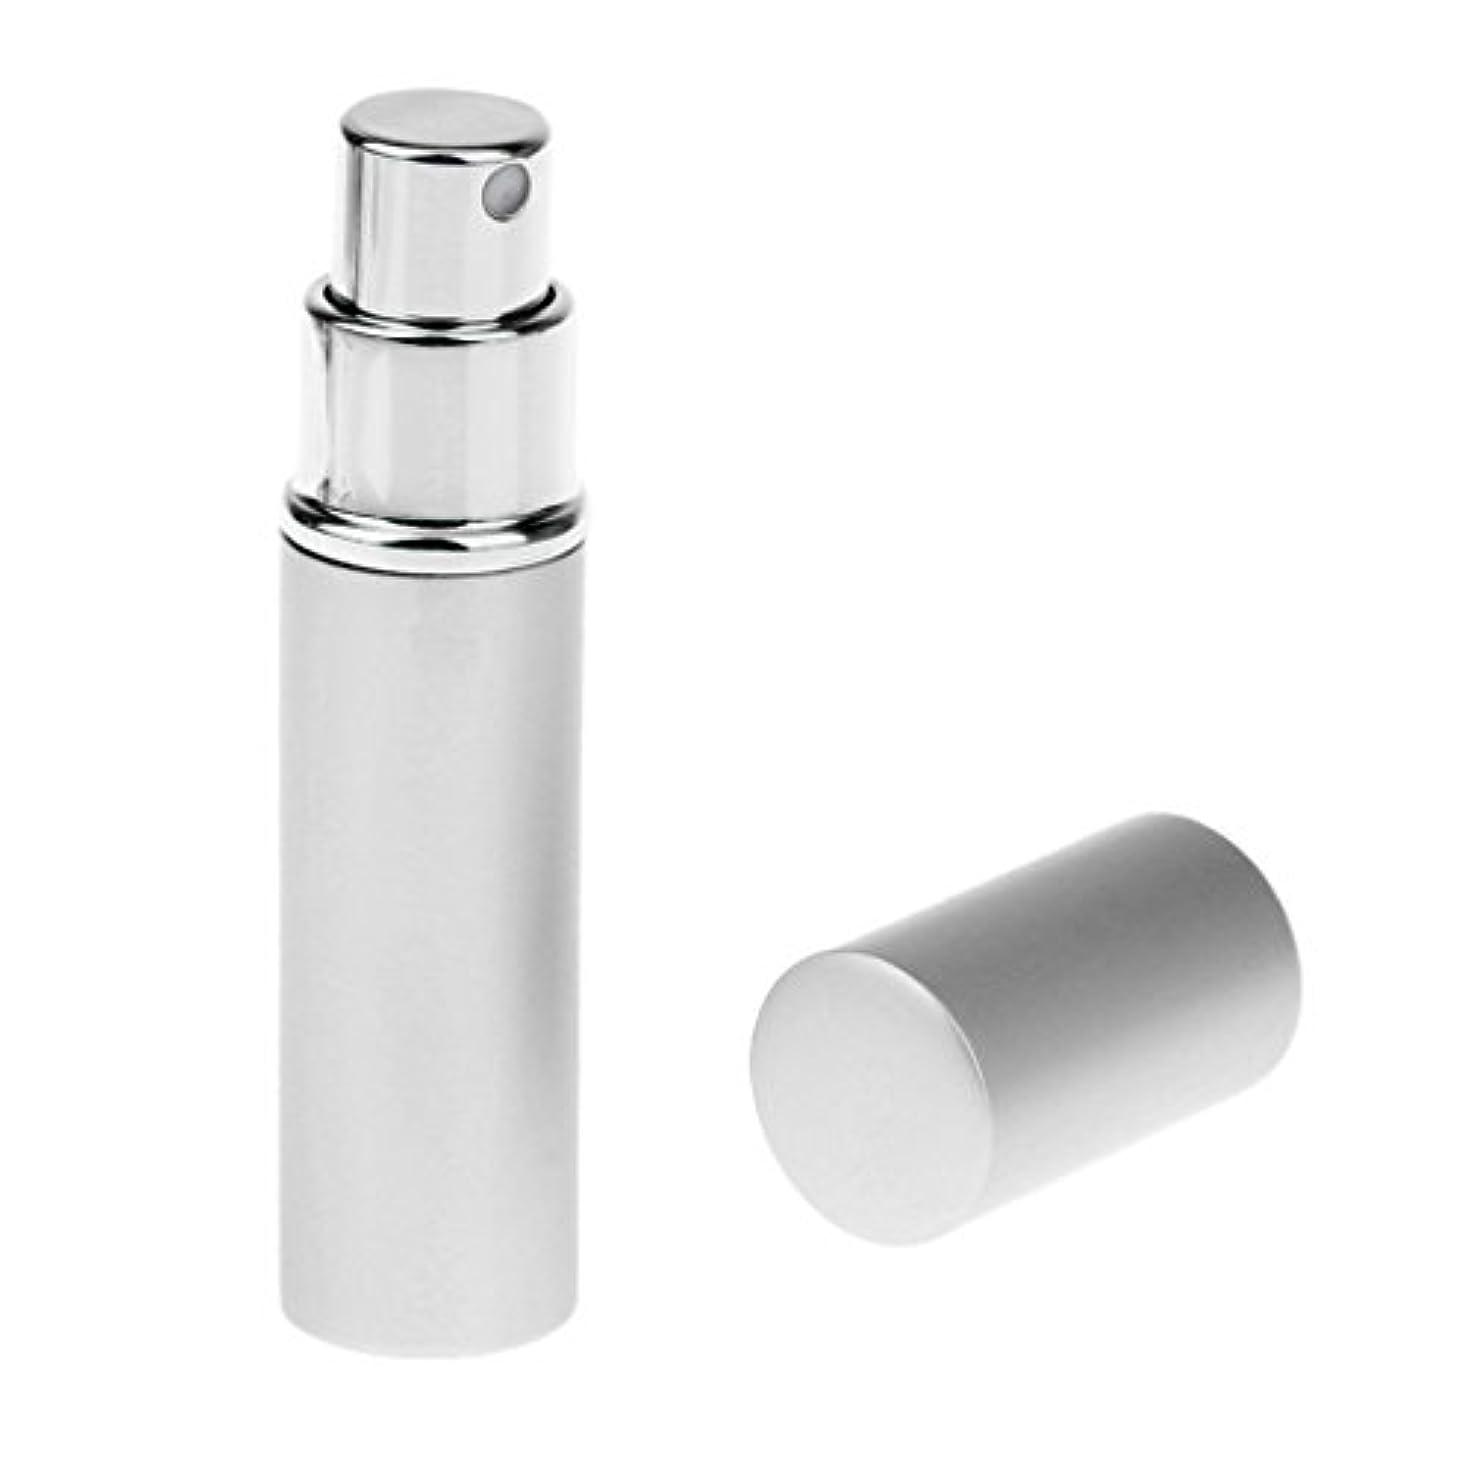 スリッパ干し草自然公園詰め替え可能 ポータブル アルミ ガラス製 香水アトマイザー 空ボトル ポンプ 銀色